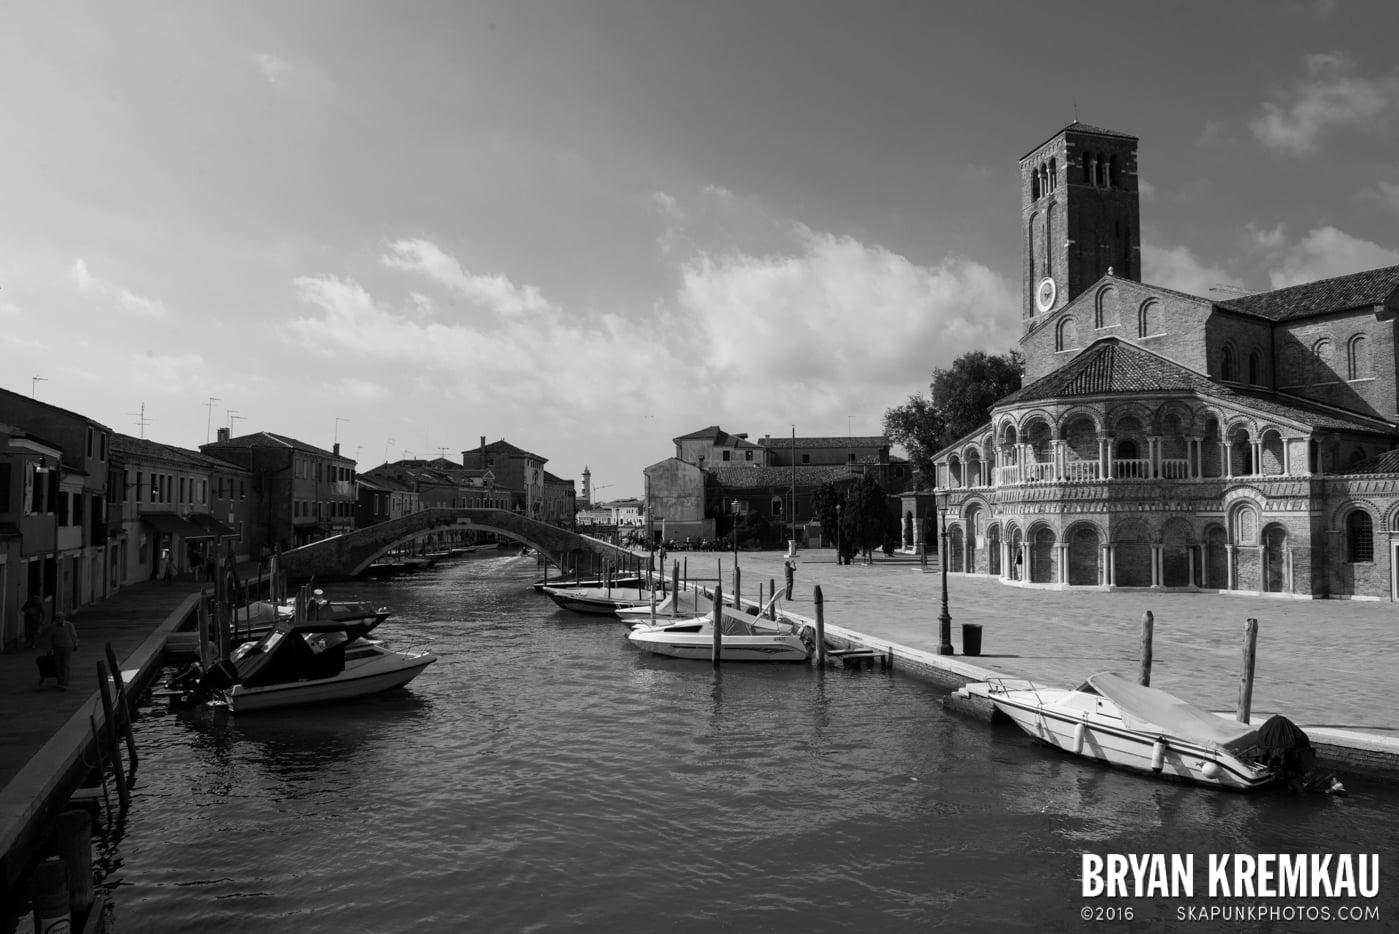 Italy Vacation - Day 6: Murano, Burano, Venice - 9.14.13 (80)